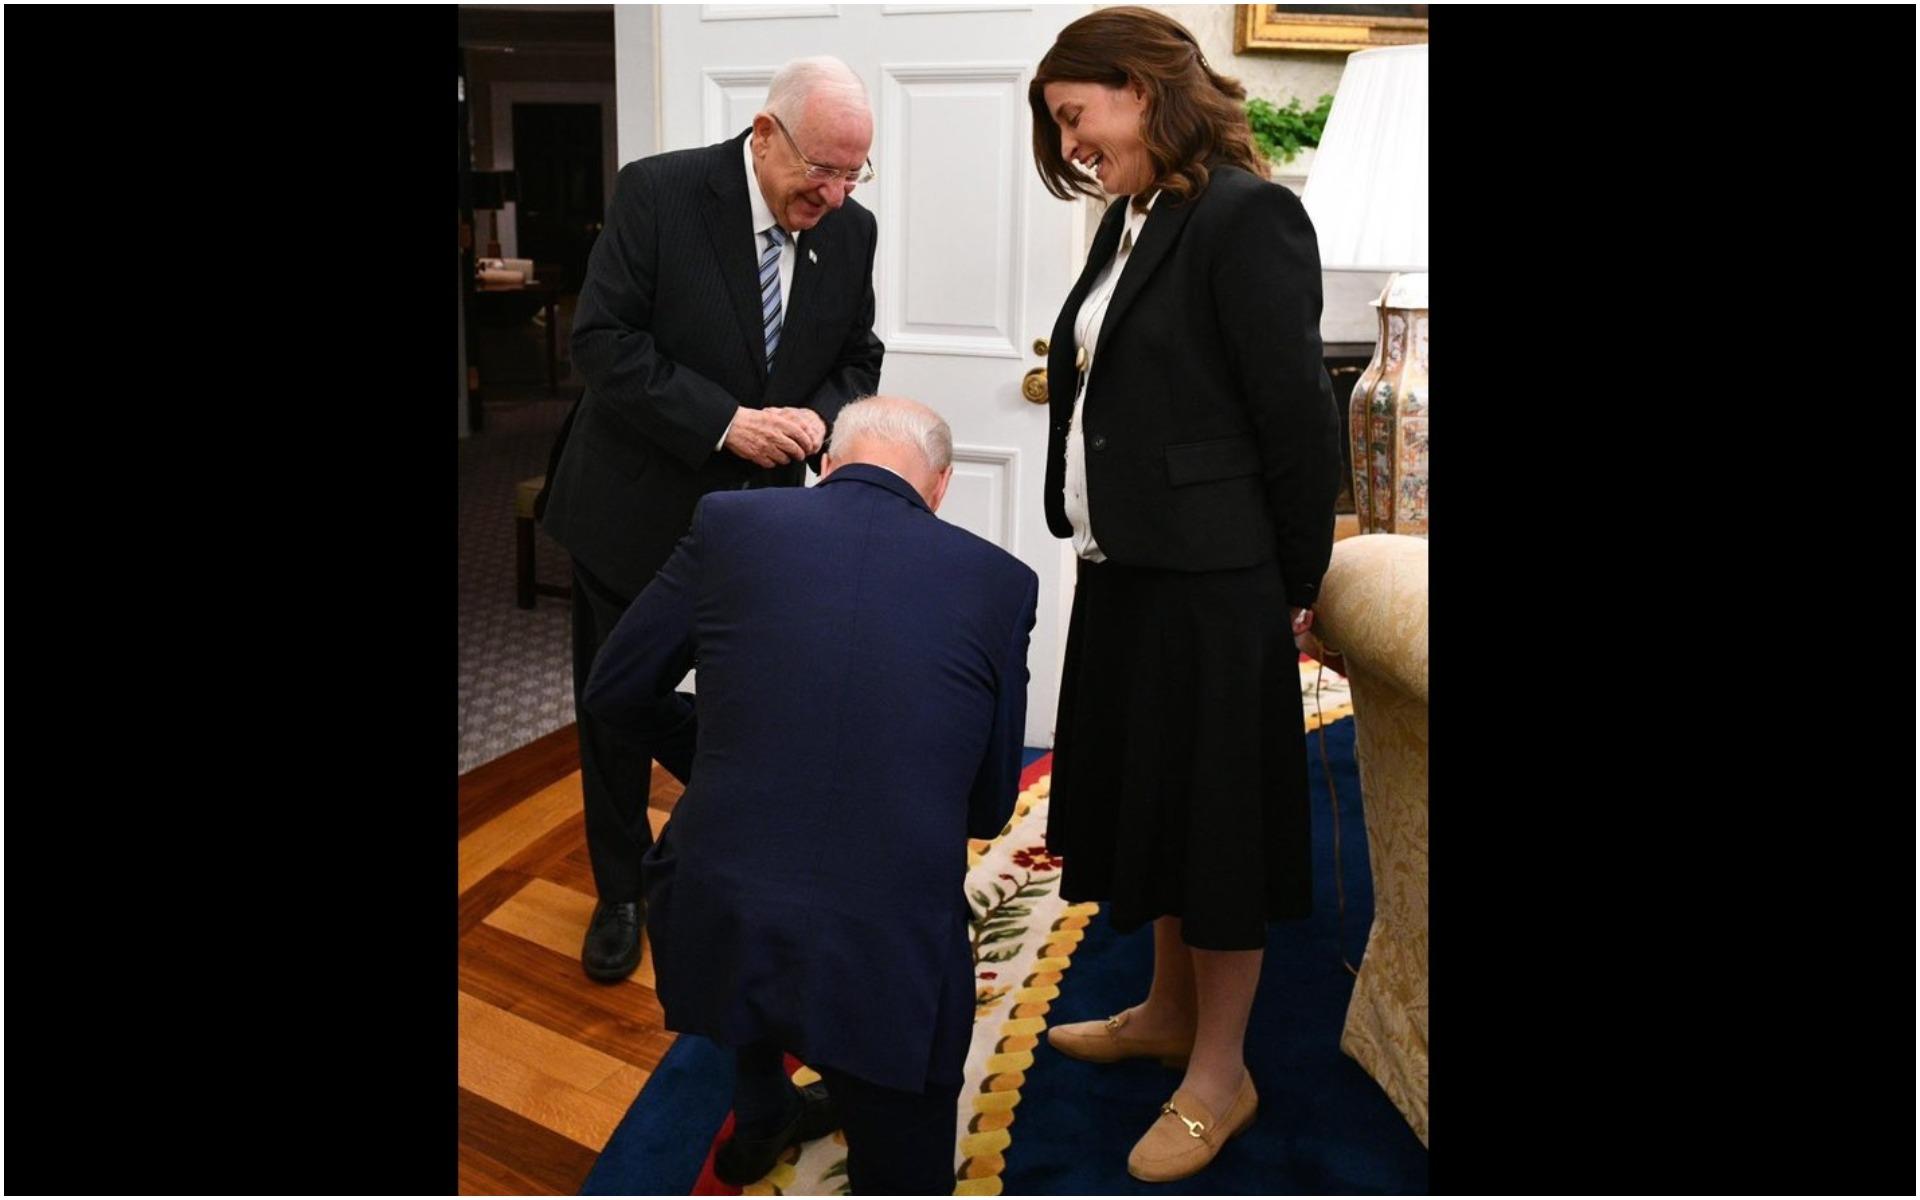 ΔΕΝ ΕΙΝΑΙ FAKE NEWS! O (πρόεδρος των ΗΠΑ) Μπάιντεν ΓΟΝΑΤΙΖΕΙ μπροστά στον πρόεδρο του Ισραήλ...